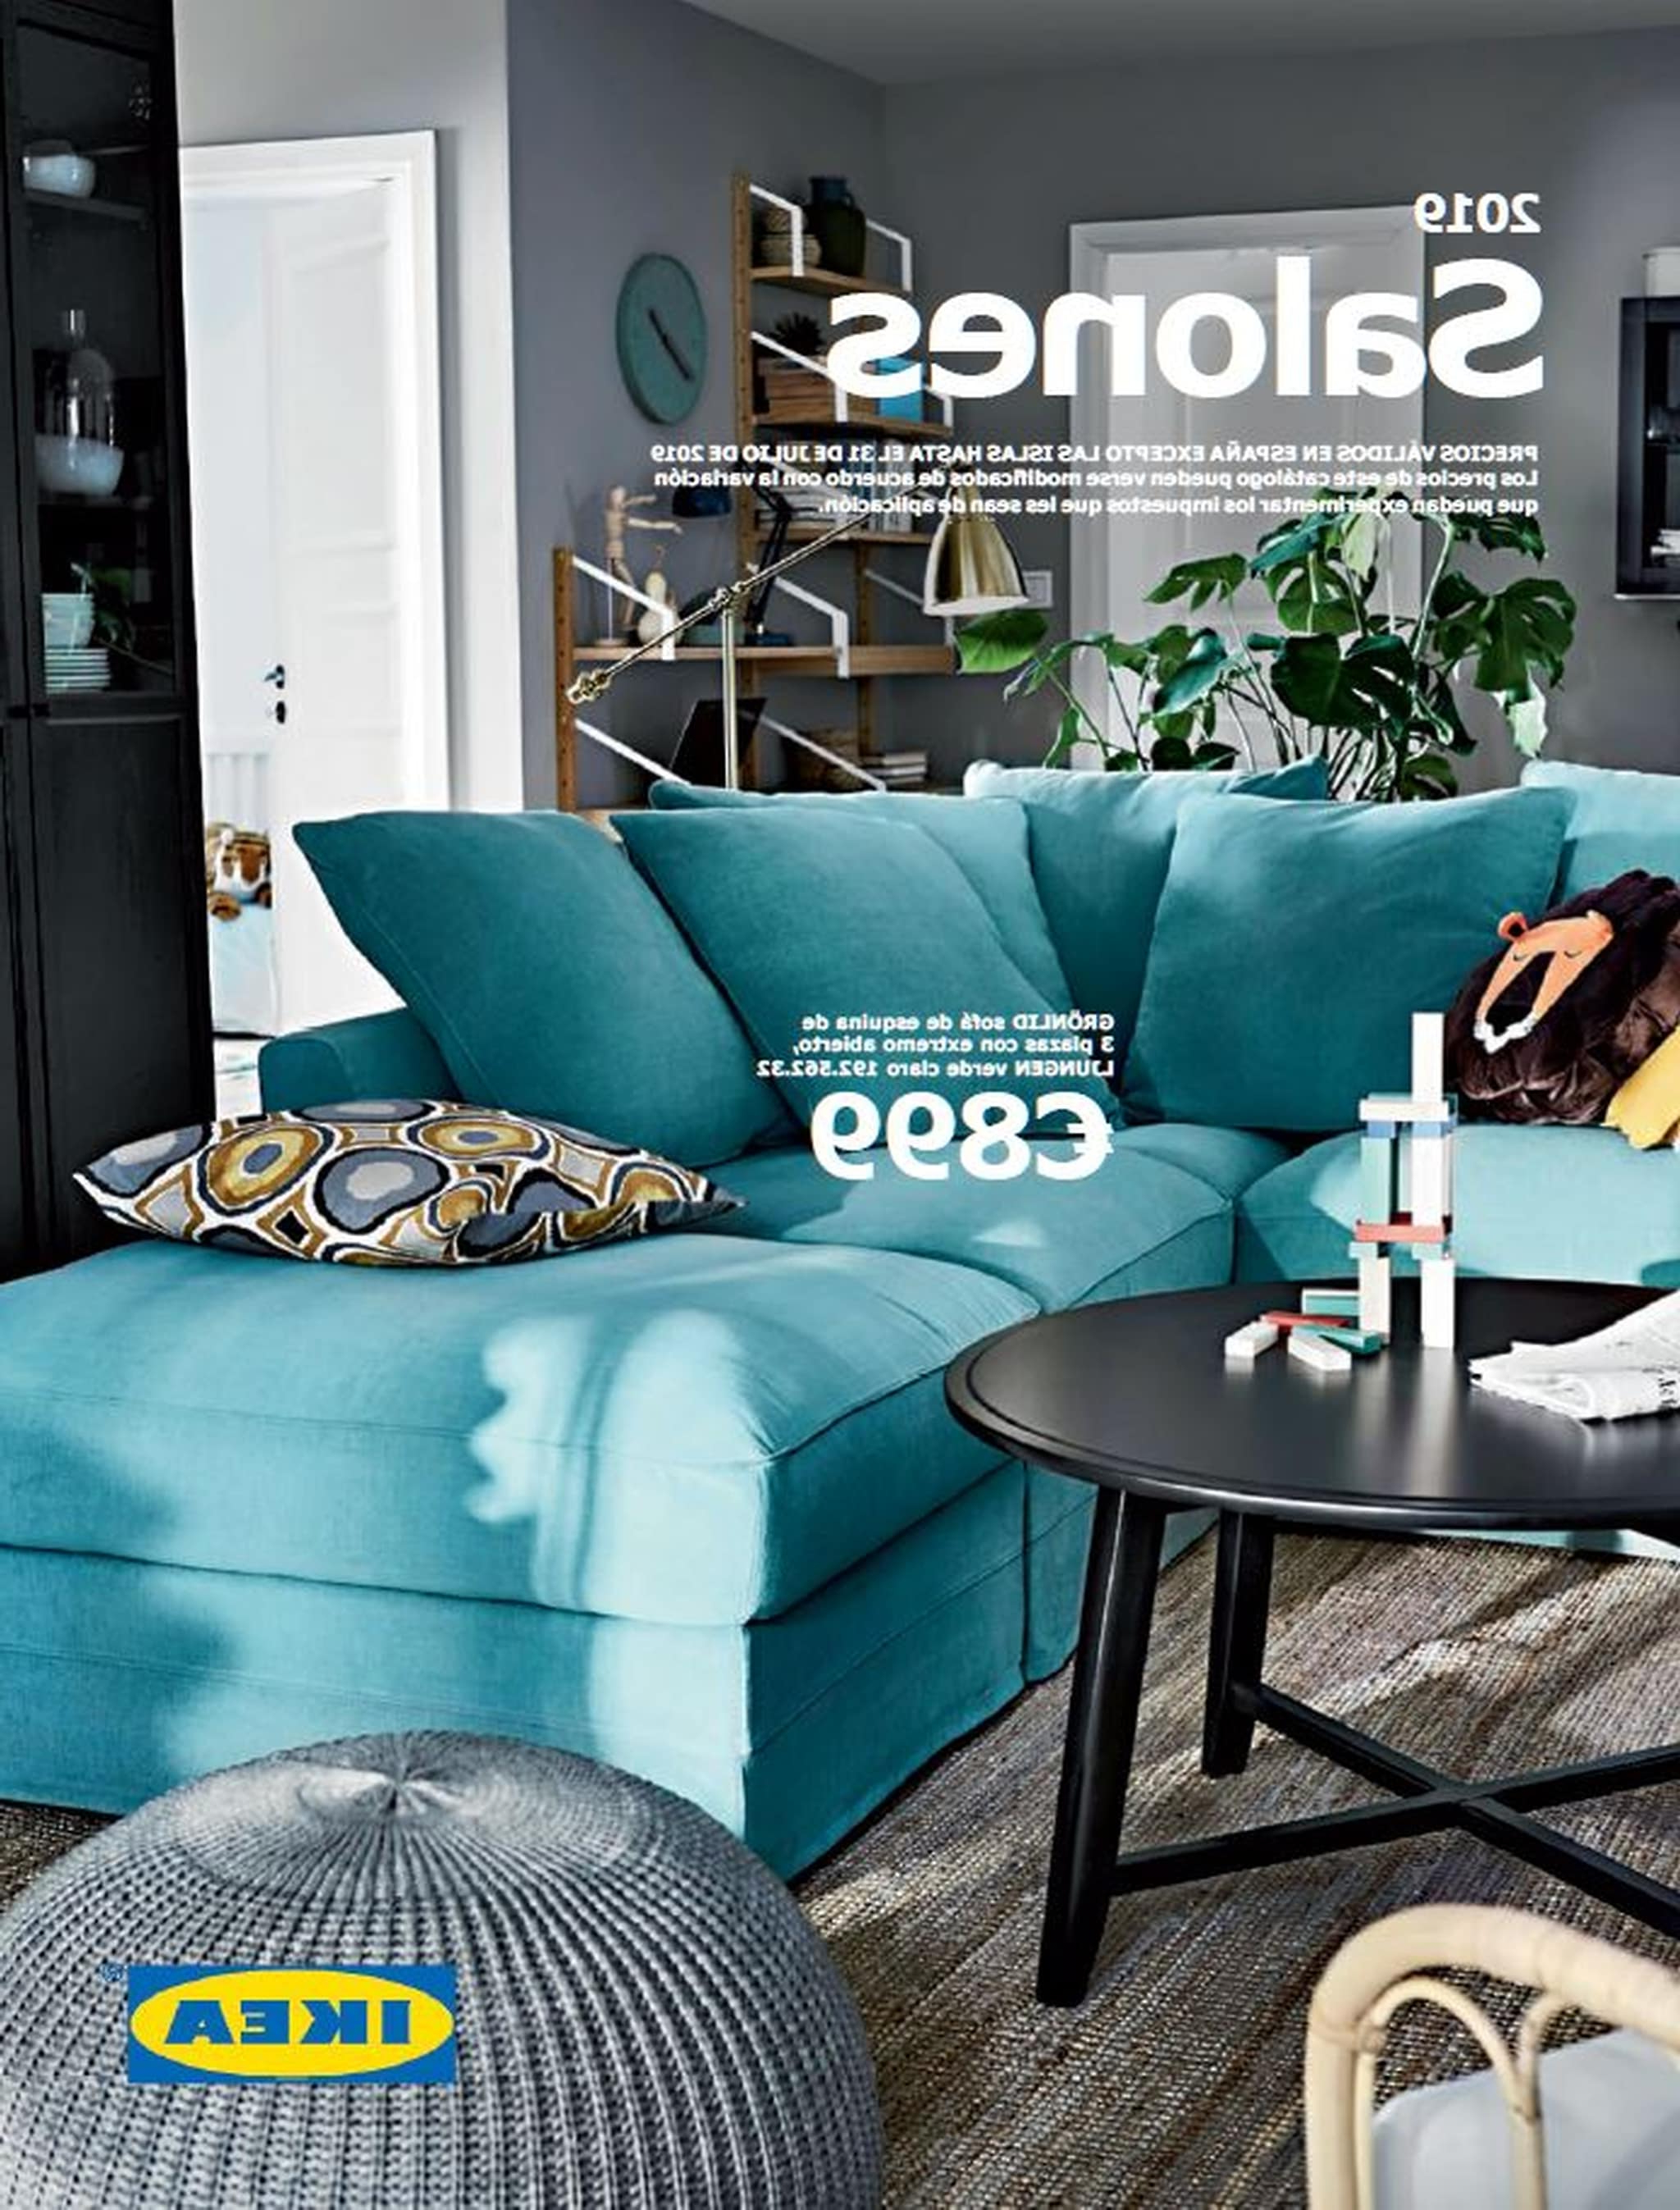 Muebles De Salon Ikea Ofertas Mndw Disfruta Del 2019 Con Nuevas Ideas Y Productos Ikea